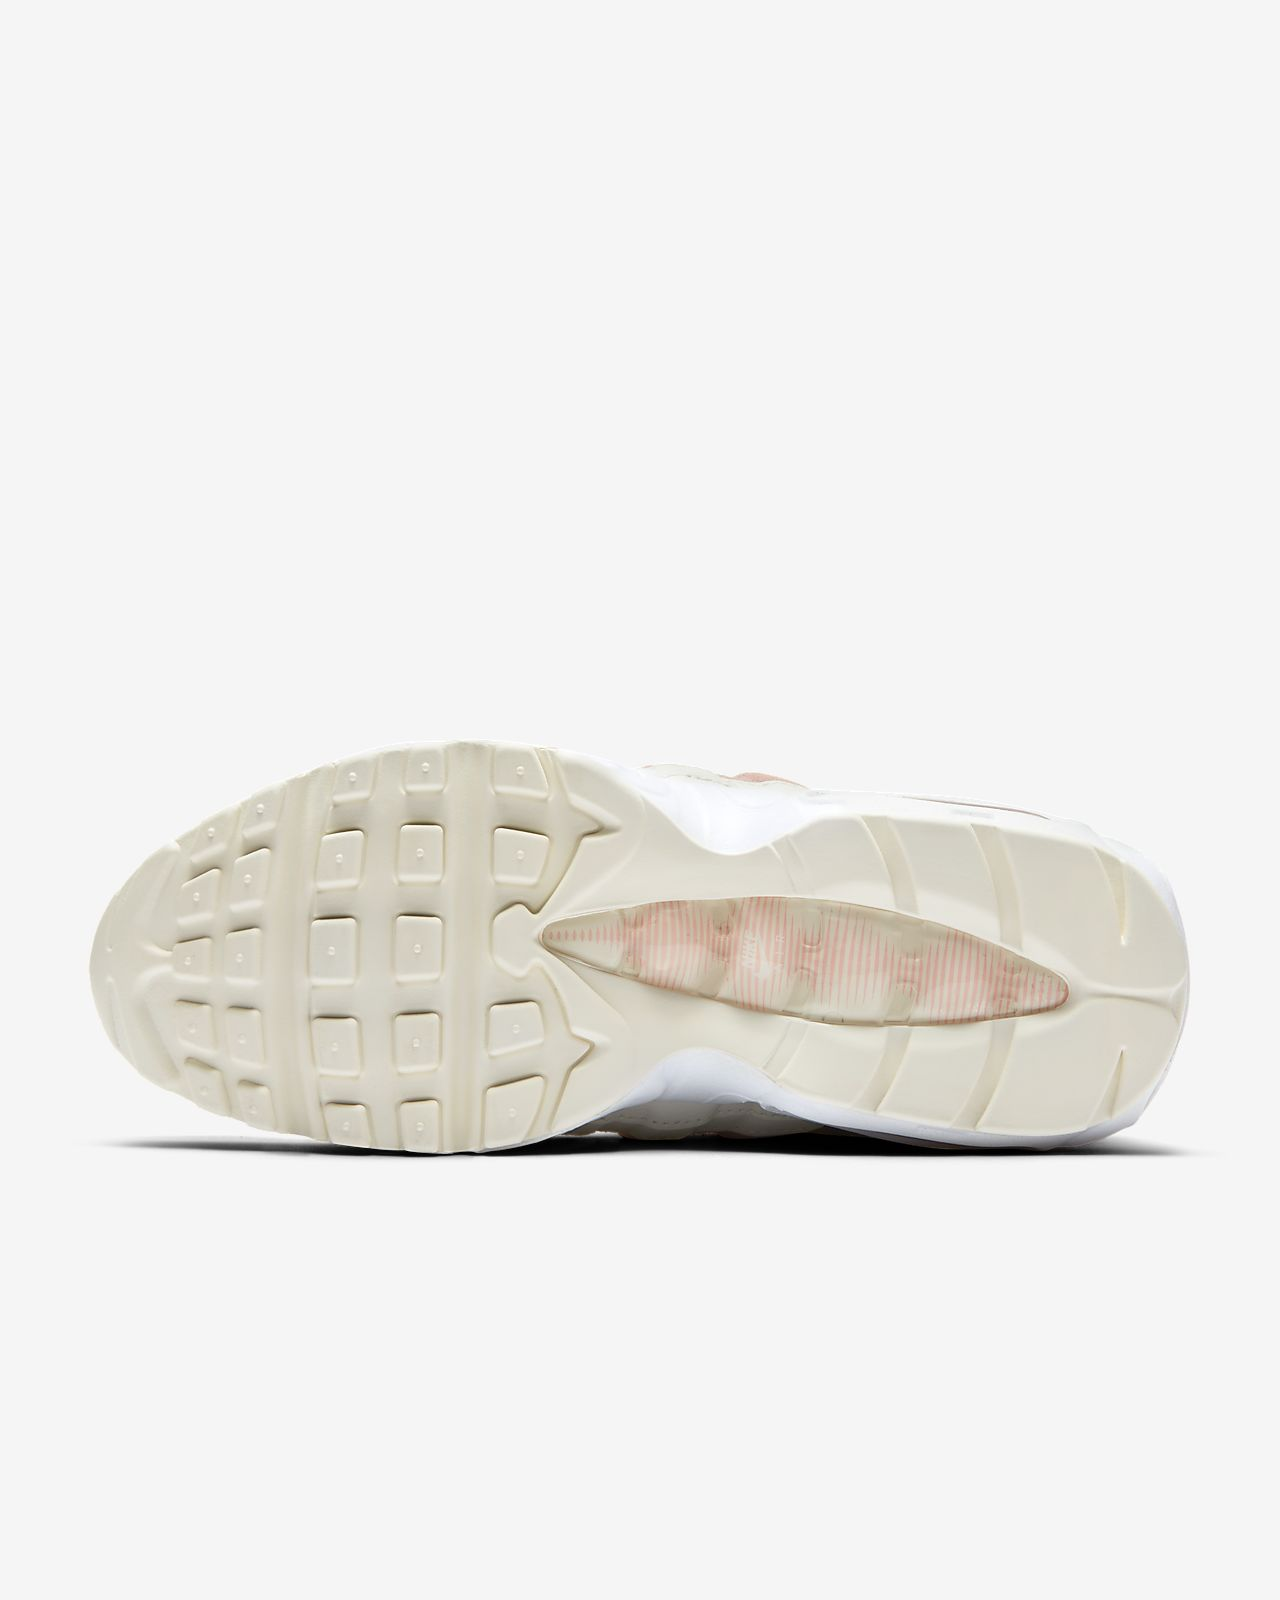 Scarpe Nike Air Max 95 OG Donna Outlet Store Online, Scarpe